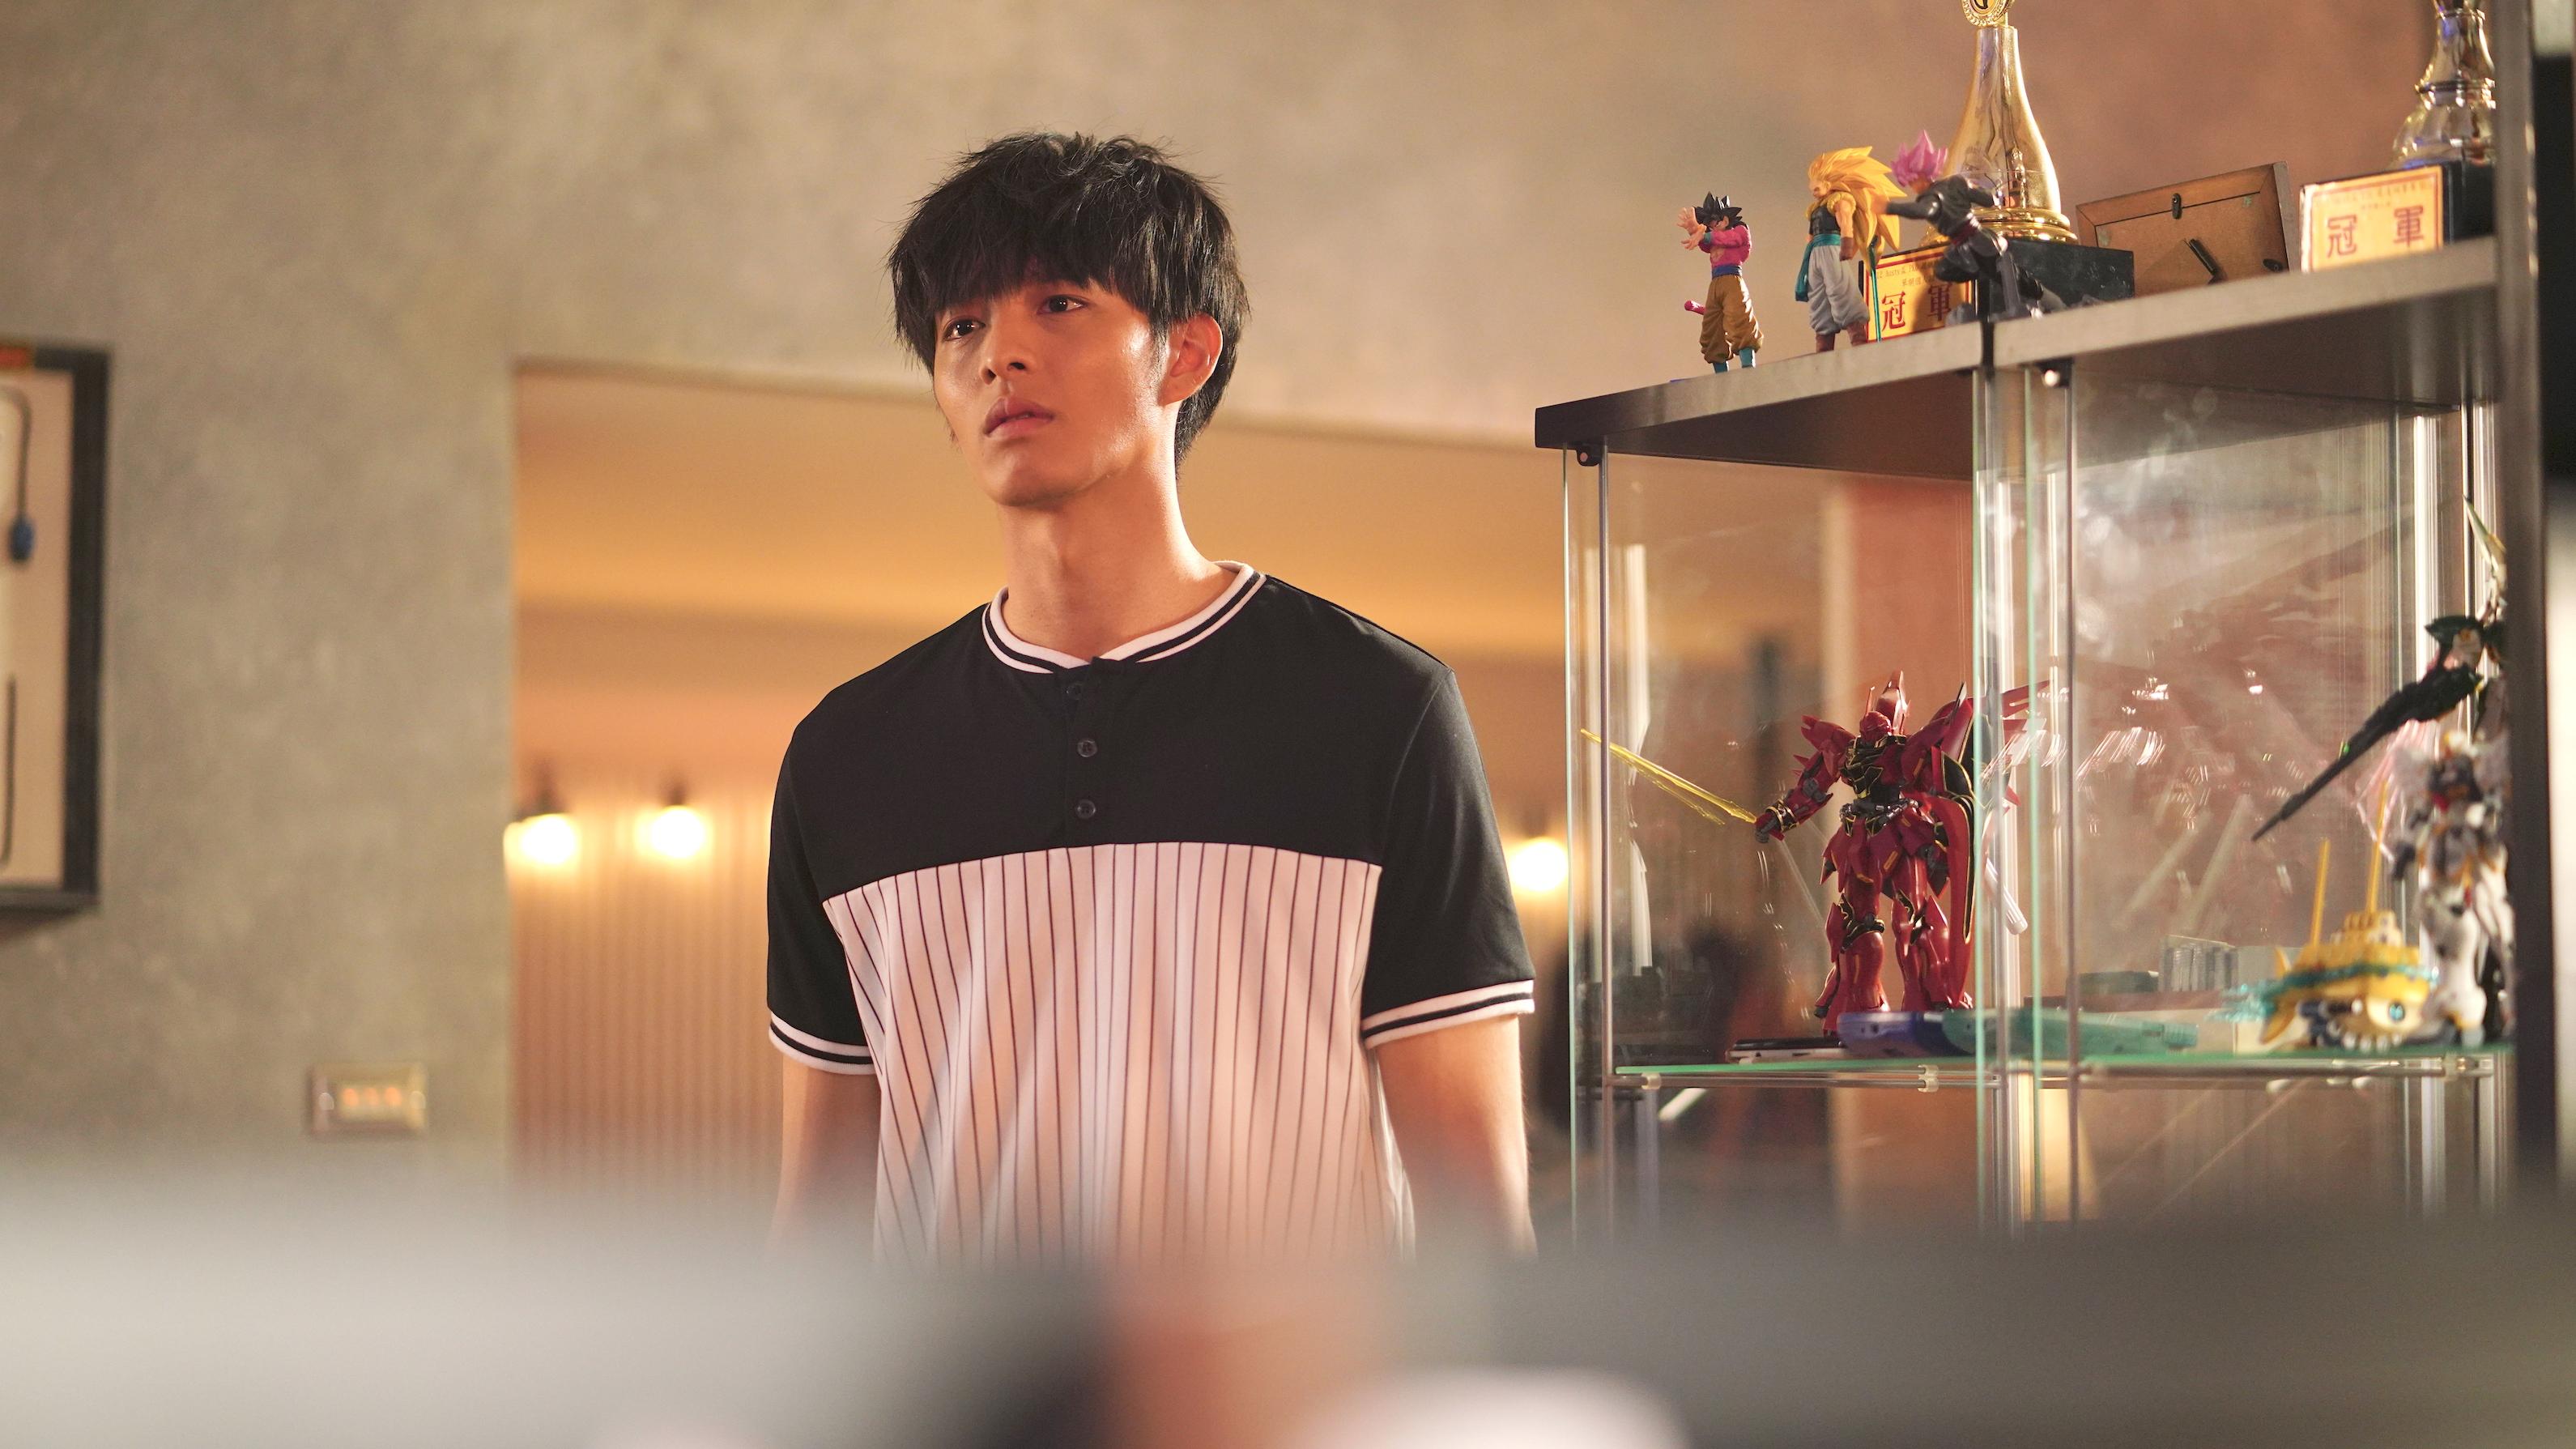 演員曹佑寧在電影《叱咤風雲》中飾演賽車遊戲高手。(創映電影、量能影業提供)